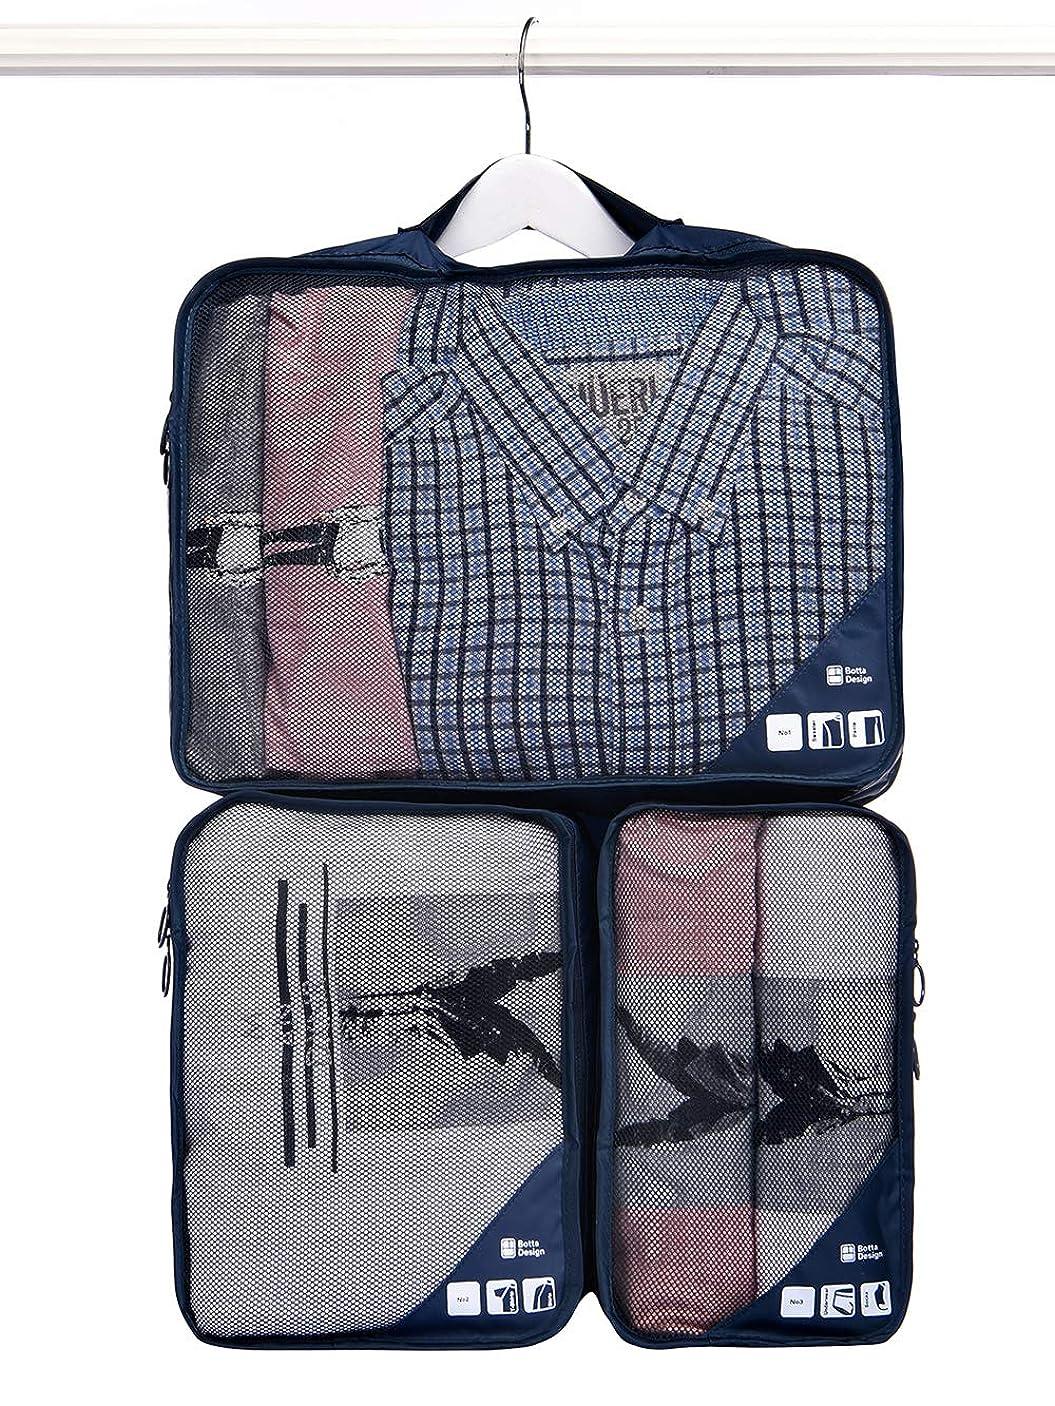 刑務所ヒールファントラベルポーチ アレンジケース 3点セット 吊り下げ収納 出張 旅行 スーツケース整理 衣類収納 ワイシャツケース 小物入れ クローゼット整理 軽量 大容量 オーガナイザー インナーバッグ 旅行用便利グッズ